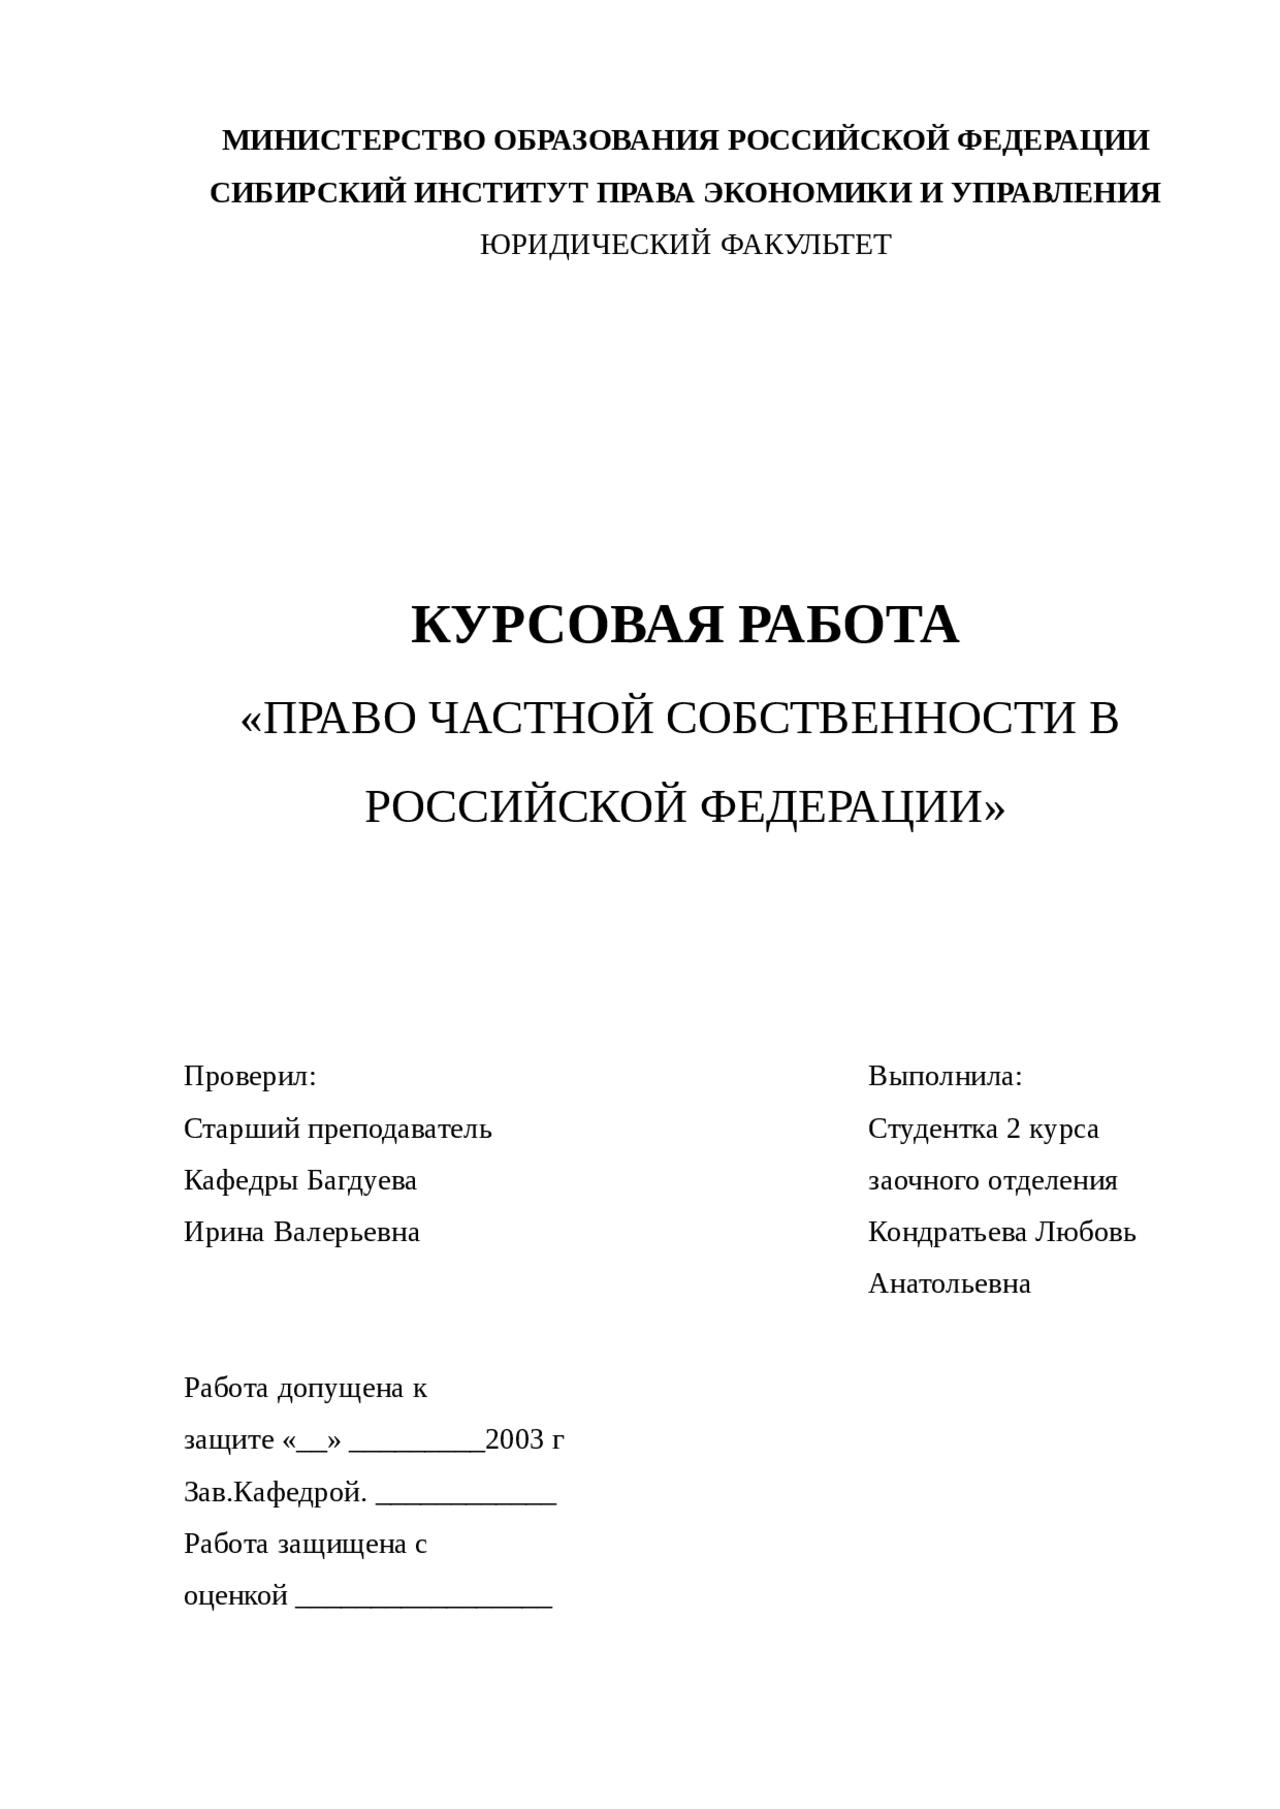 Частная собственность на землю в россии: основания возникновения права владения, аграрные участки, изъятые и ограниченные в обороте